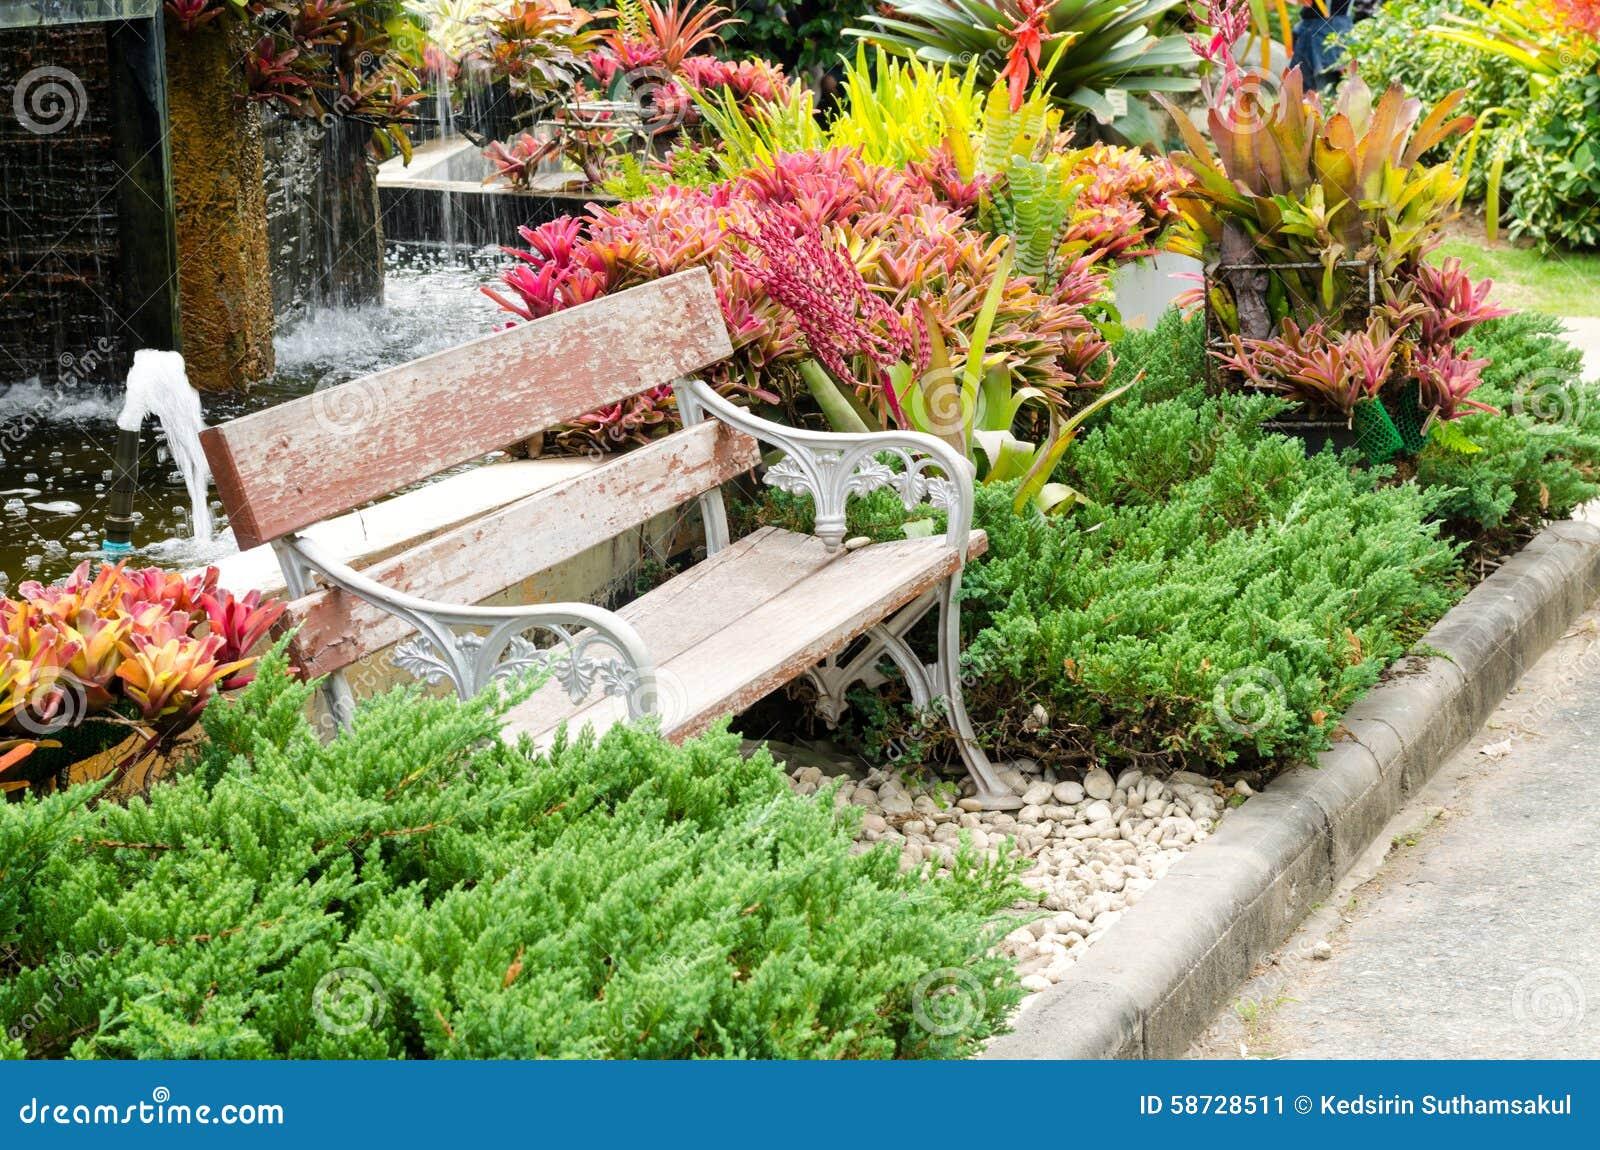 flores jardim exterior : flores jardim exterior:Bancos de madeira velhos no jardim exterior no rajapruek real Chiang